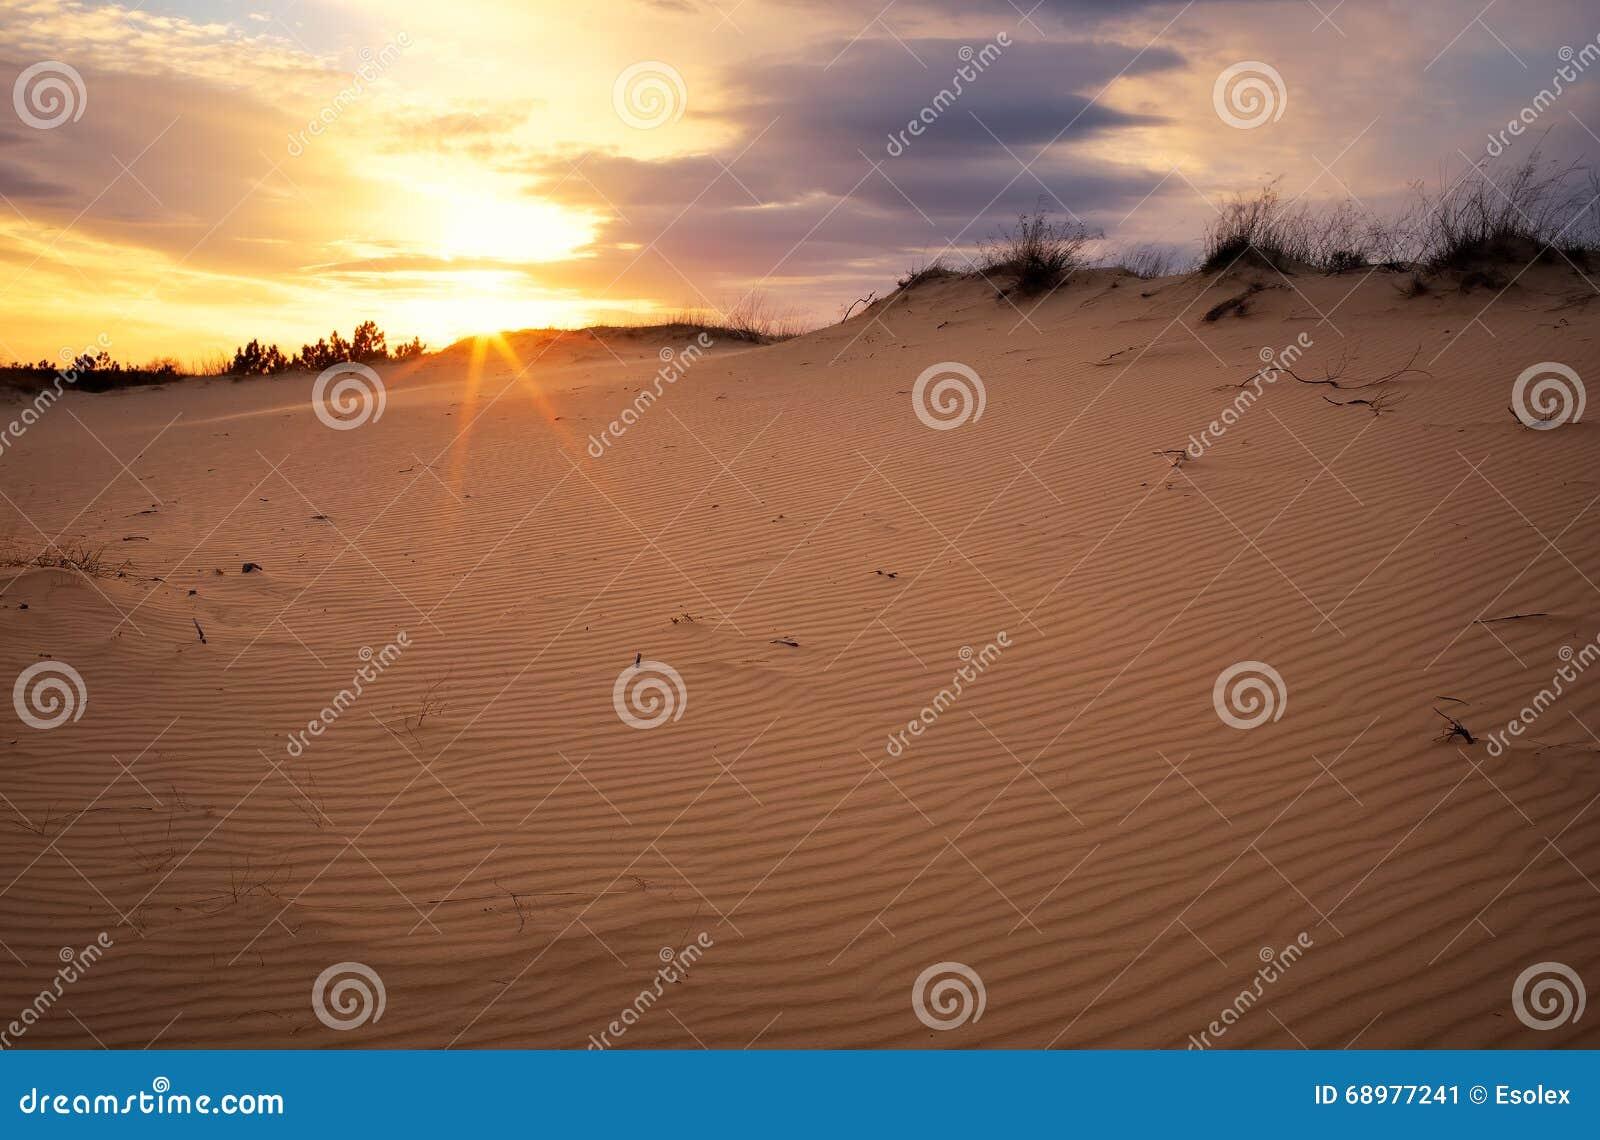 Paisaje hermoso con el cielo de la puesta del sol y la arena ondulada